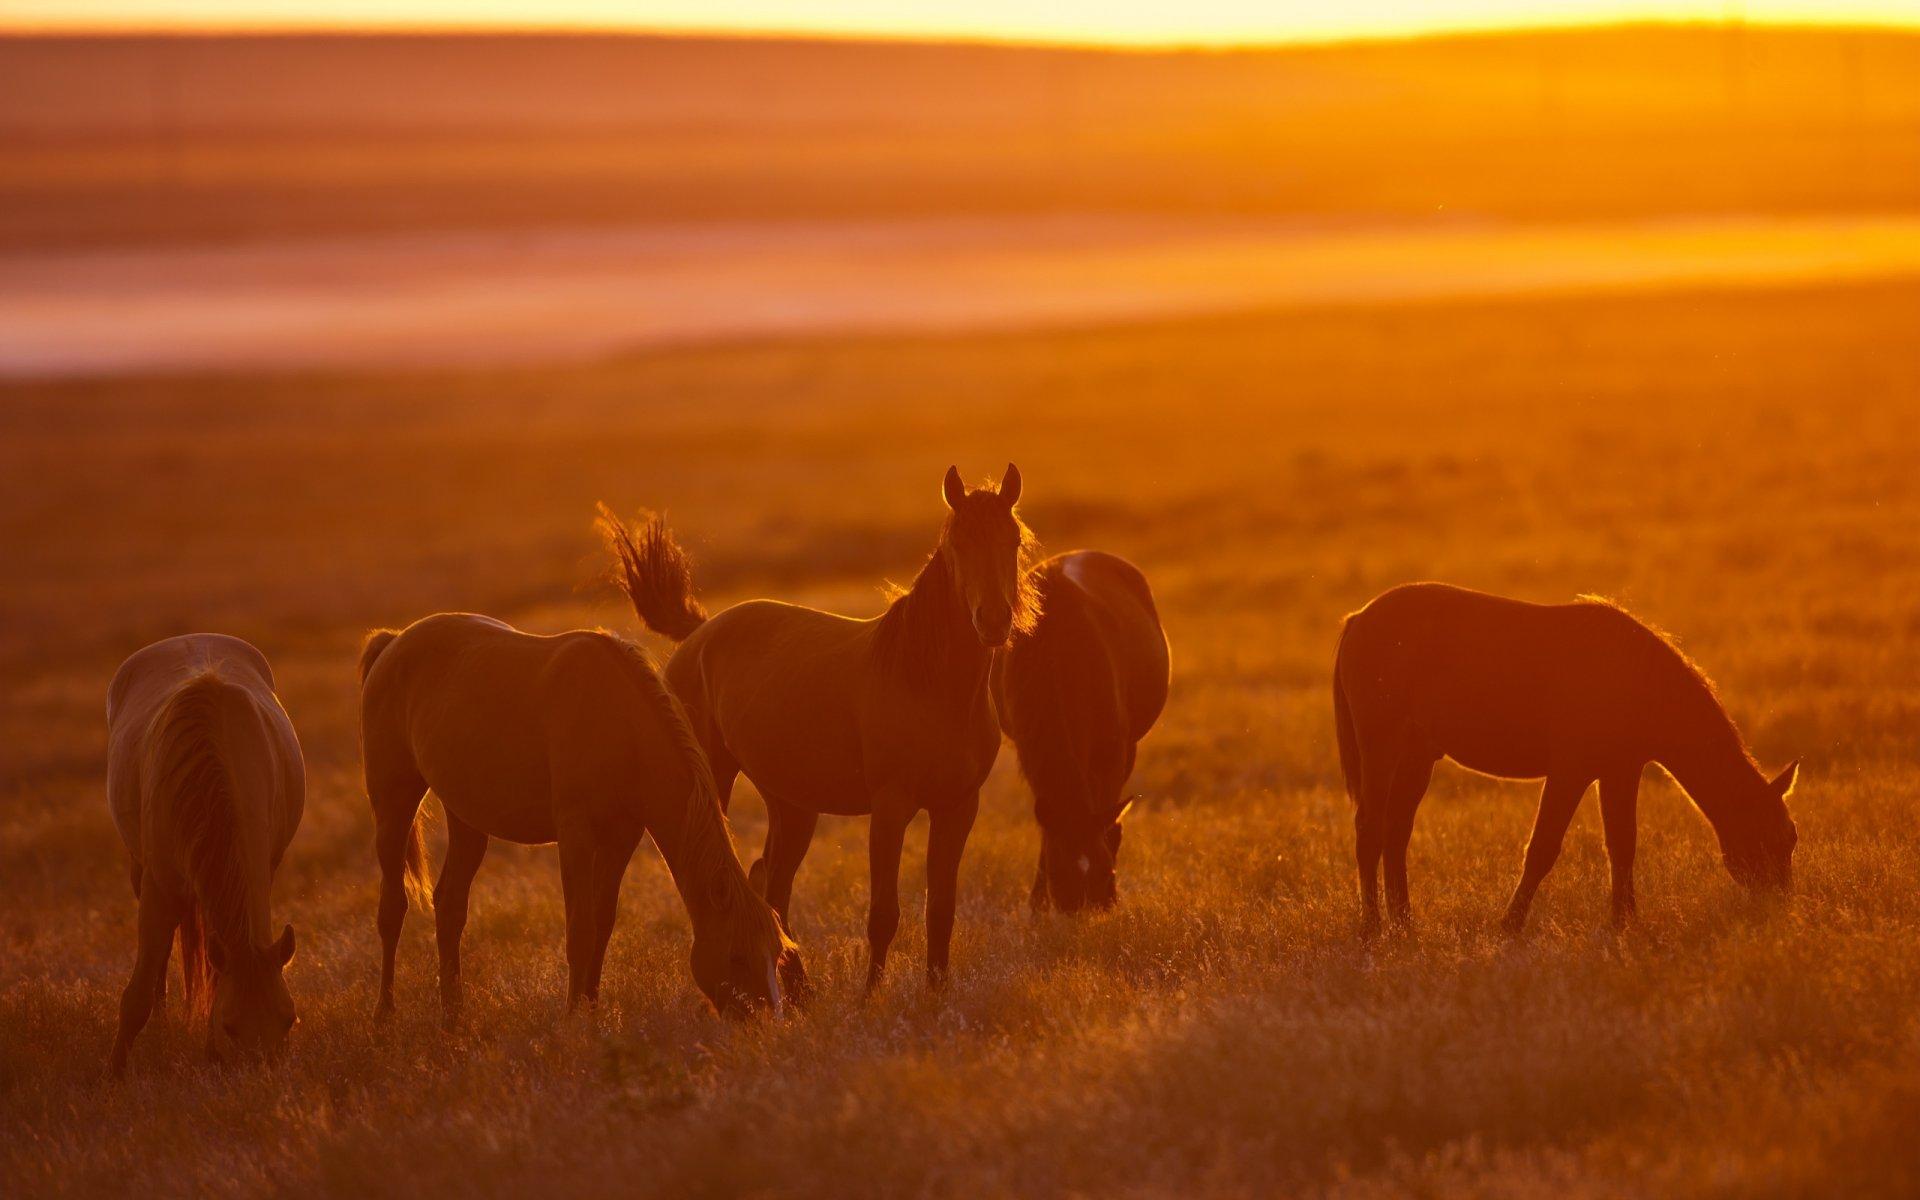 Спокойной ночи, картинки с изображением лошадей на восходе и закате